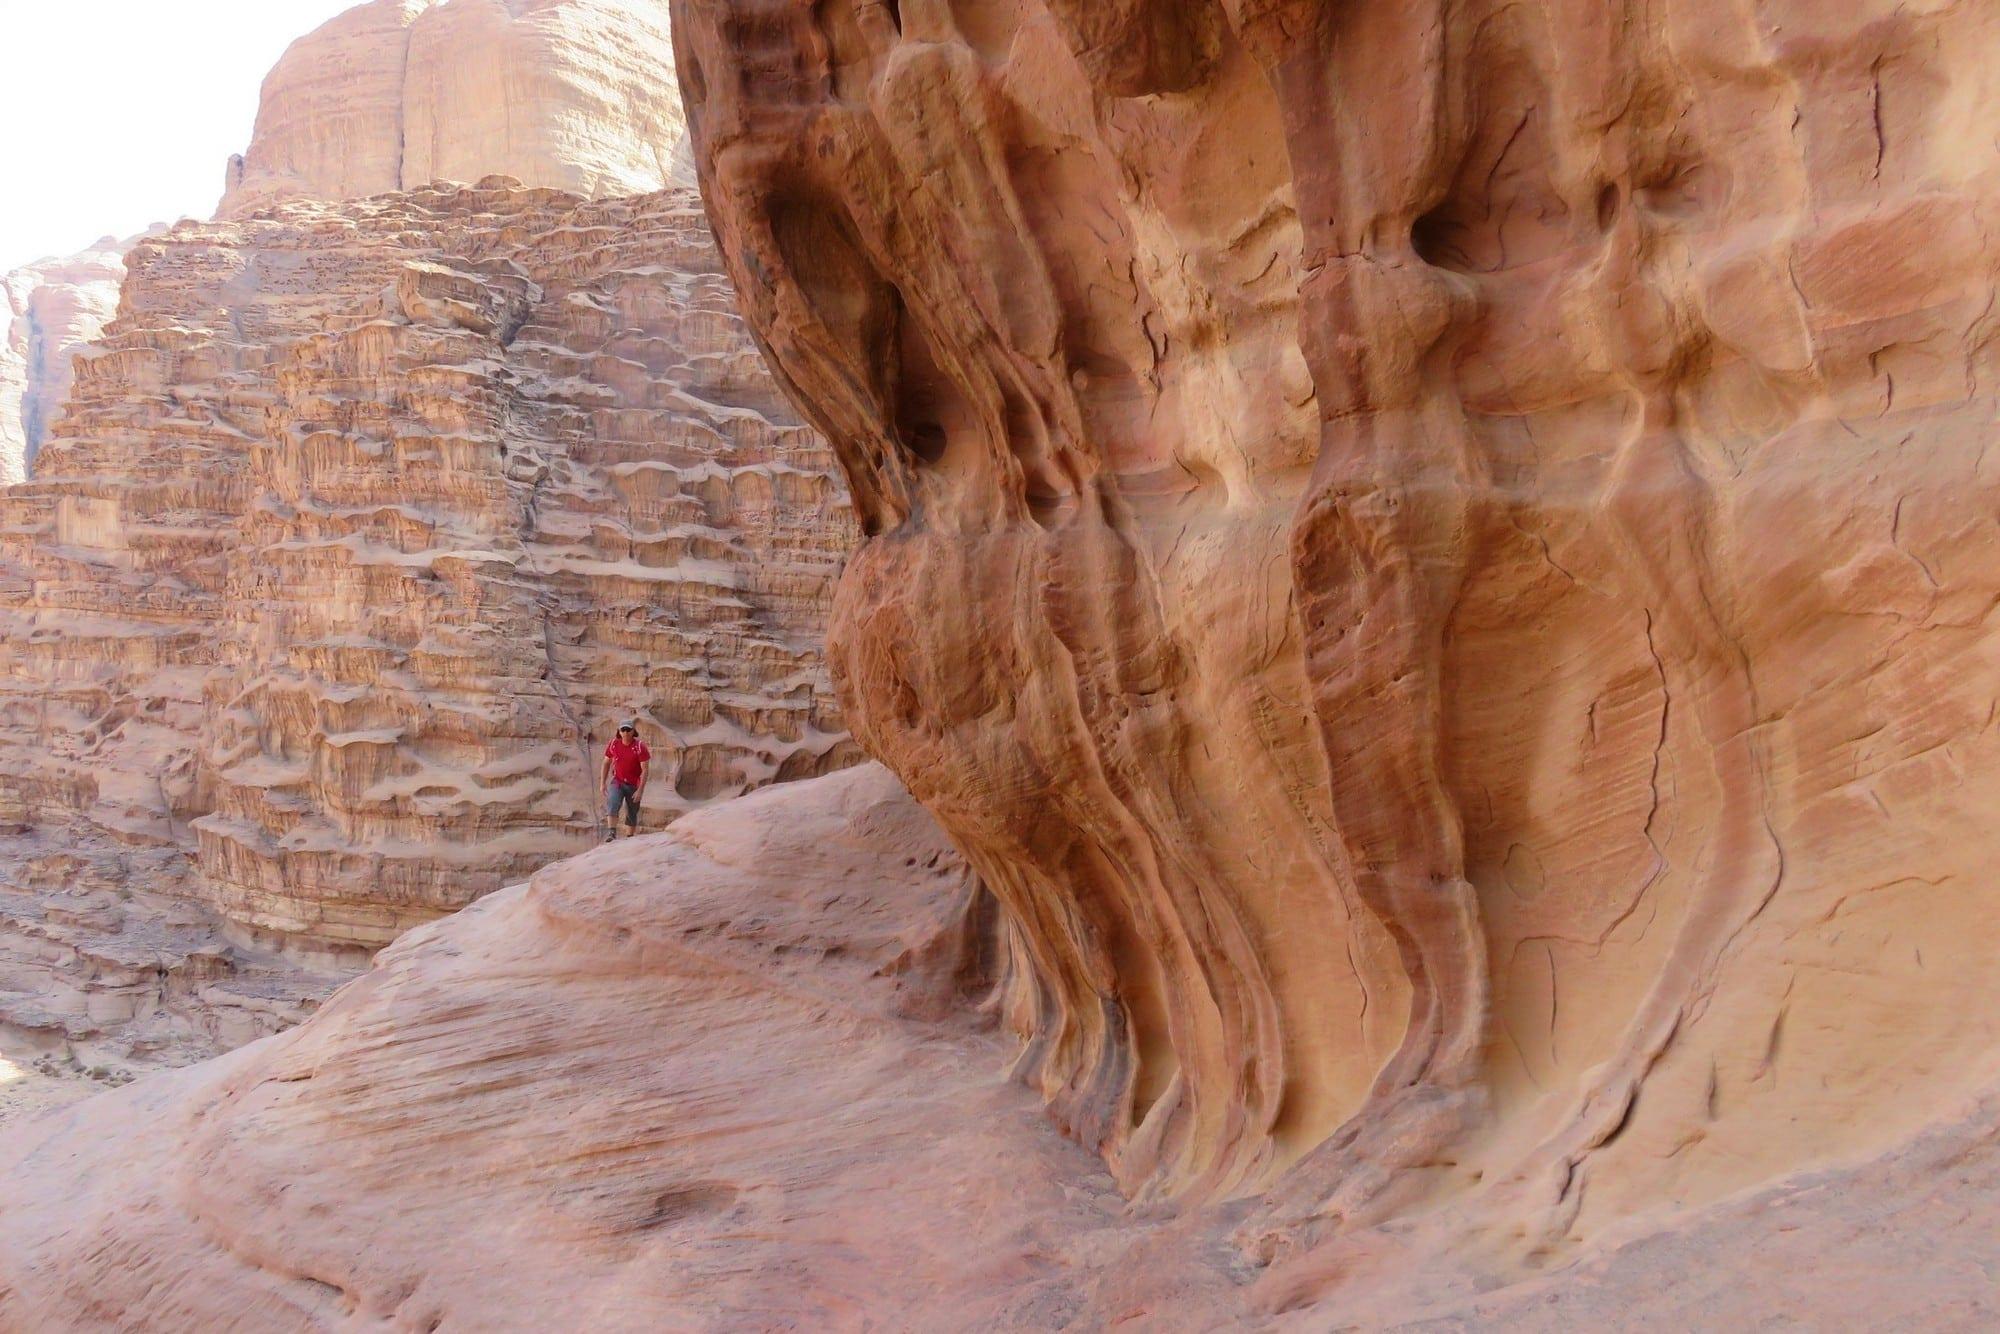 ואדי ראם, טיול לירדן, מטיבי לכת, ערוצים בטבע